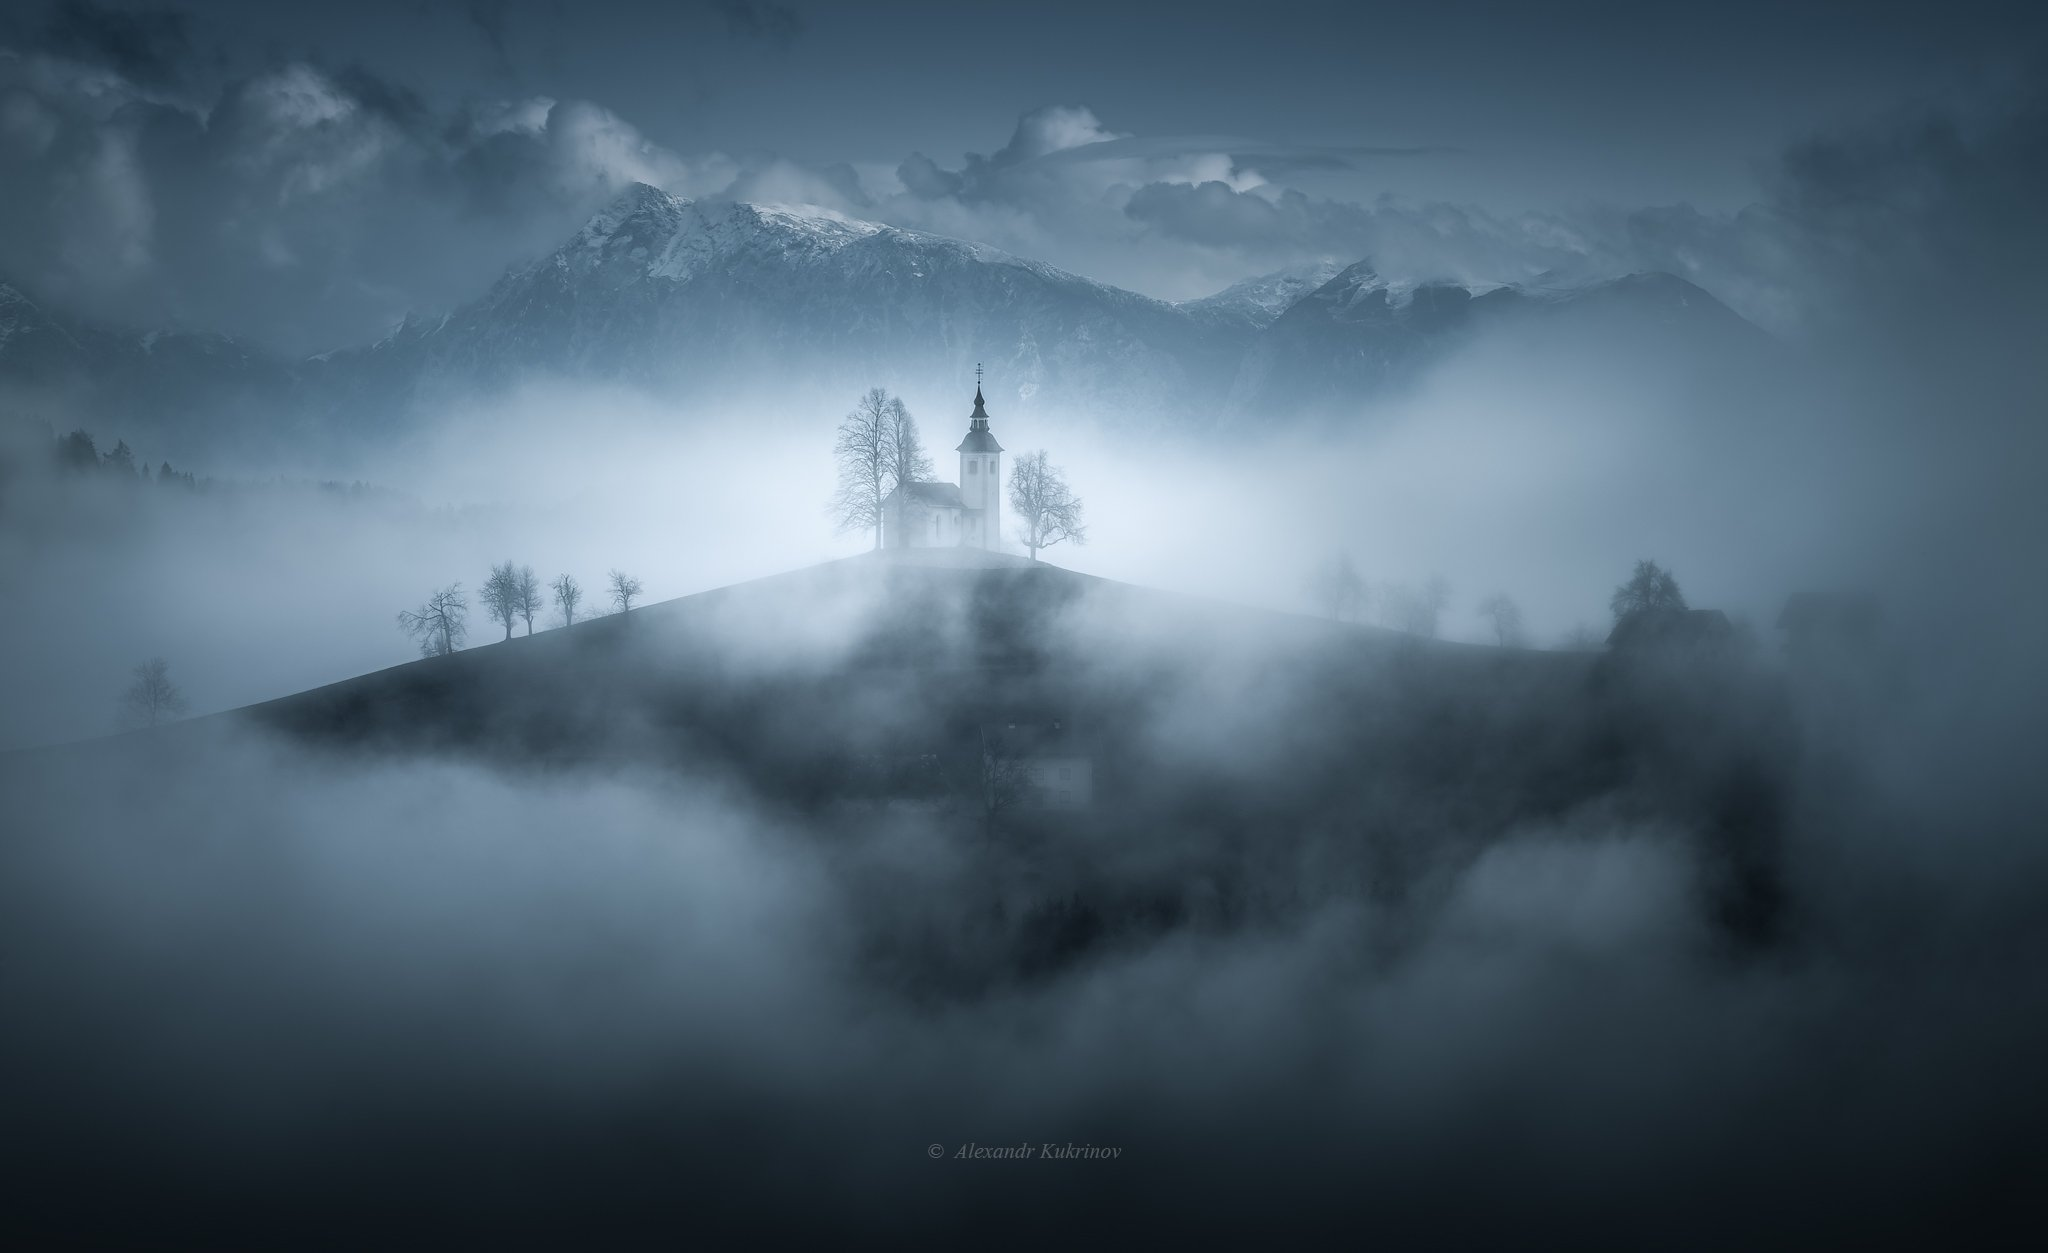 словения, осень, туман, пейзаж, утро, Александр Кукринов